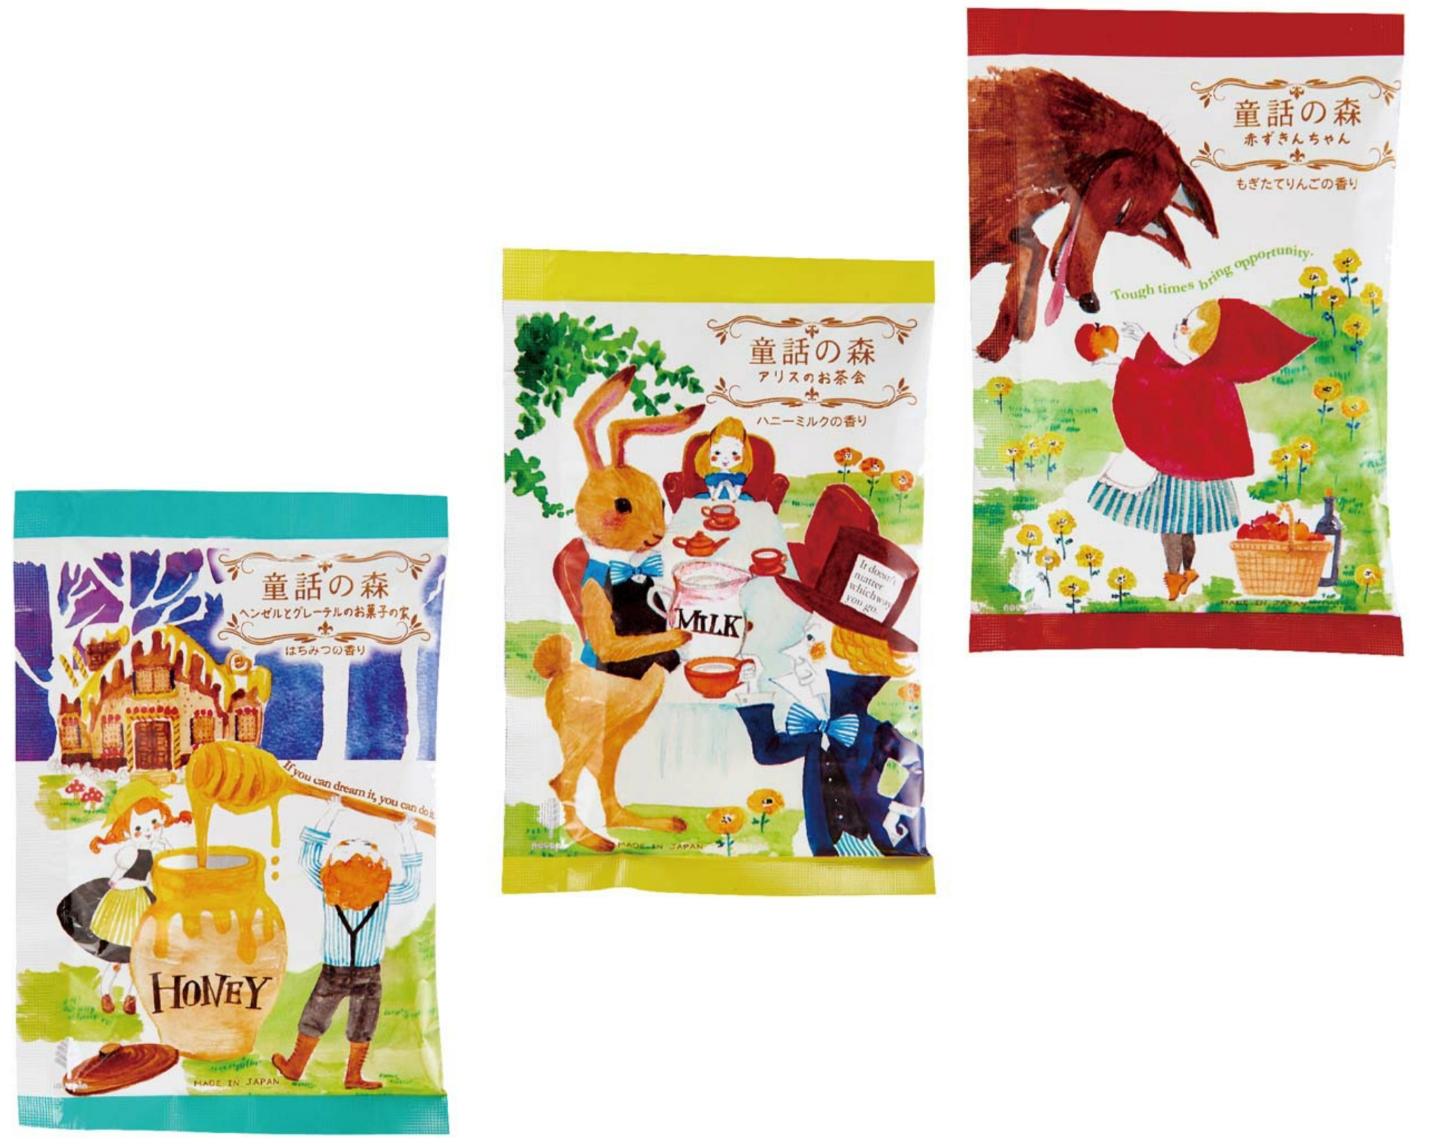 日藥本舖日本紀陽除蟲菊 手繪童話風入浴劑